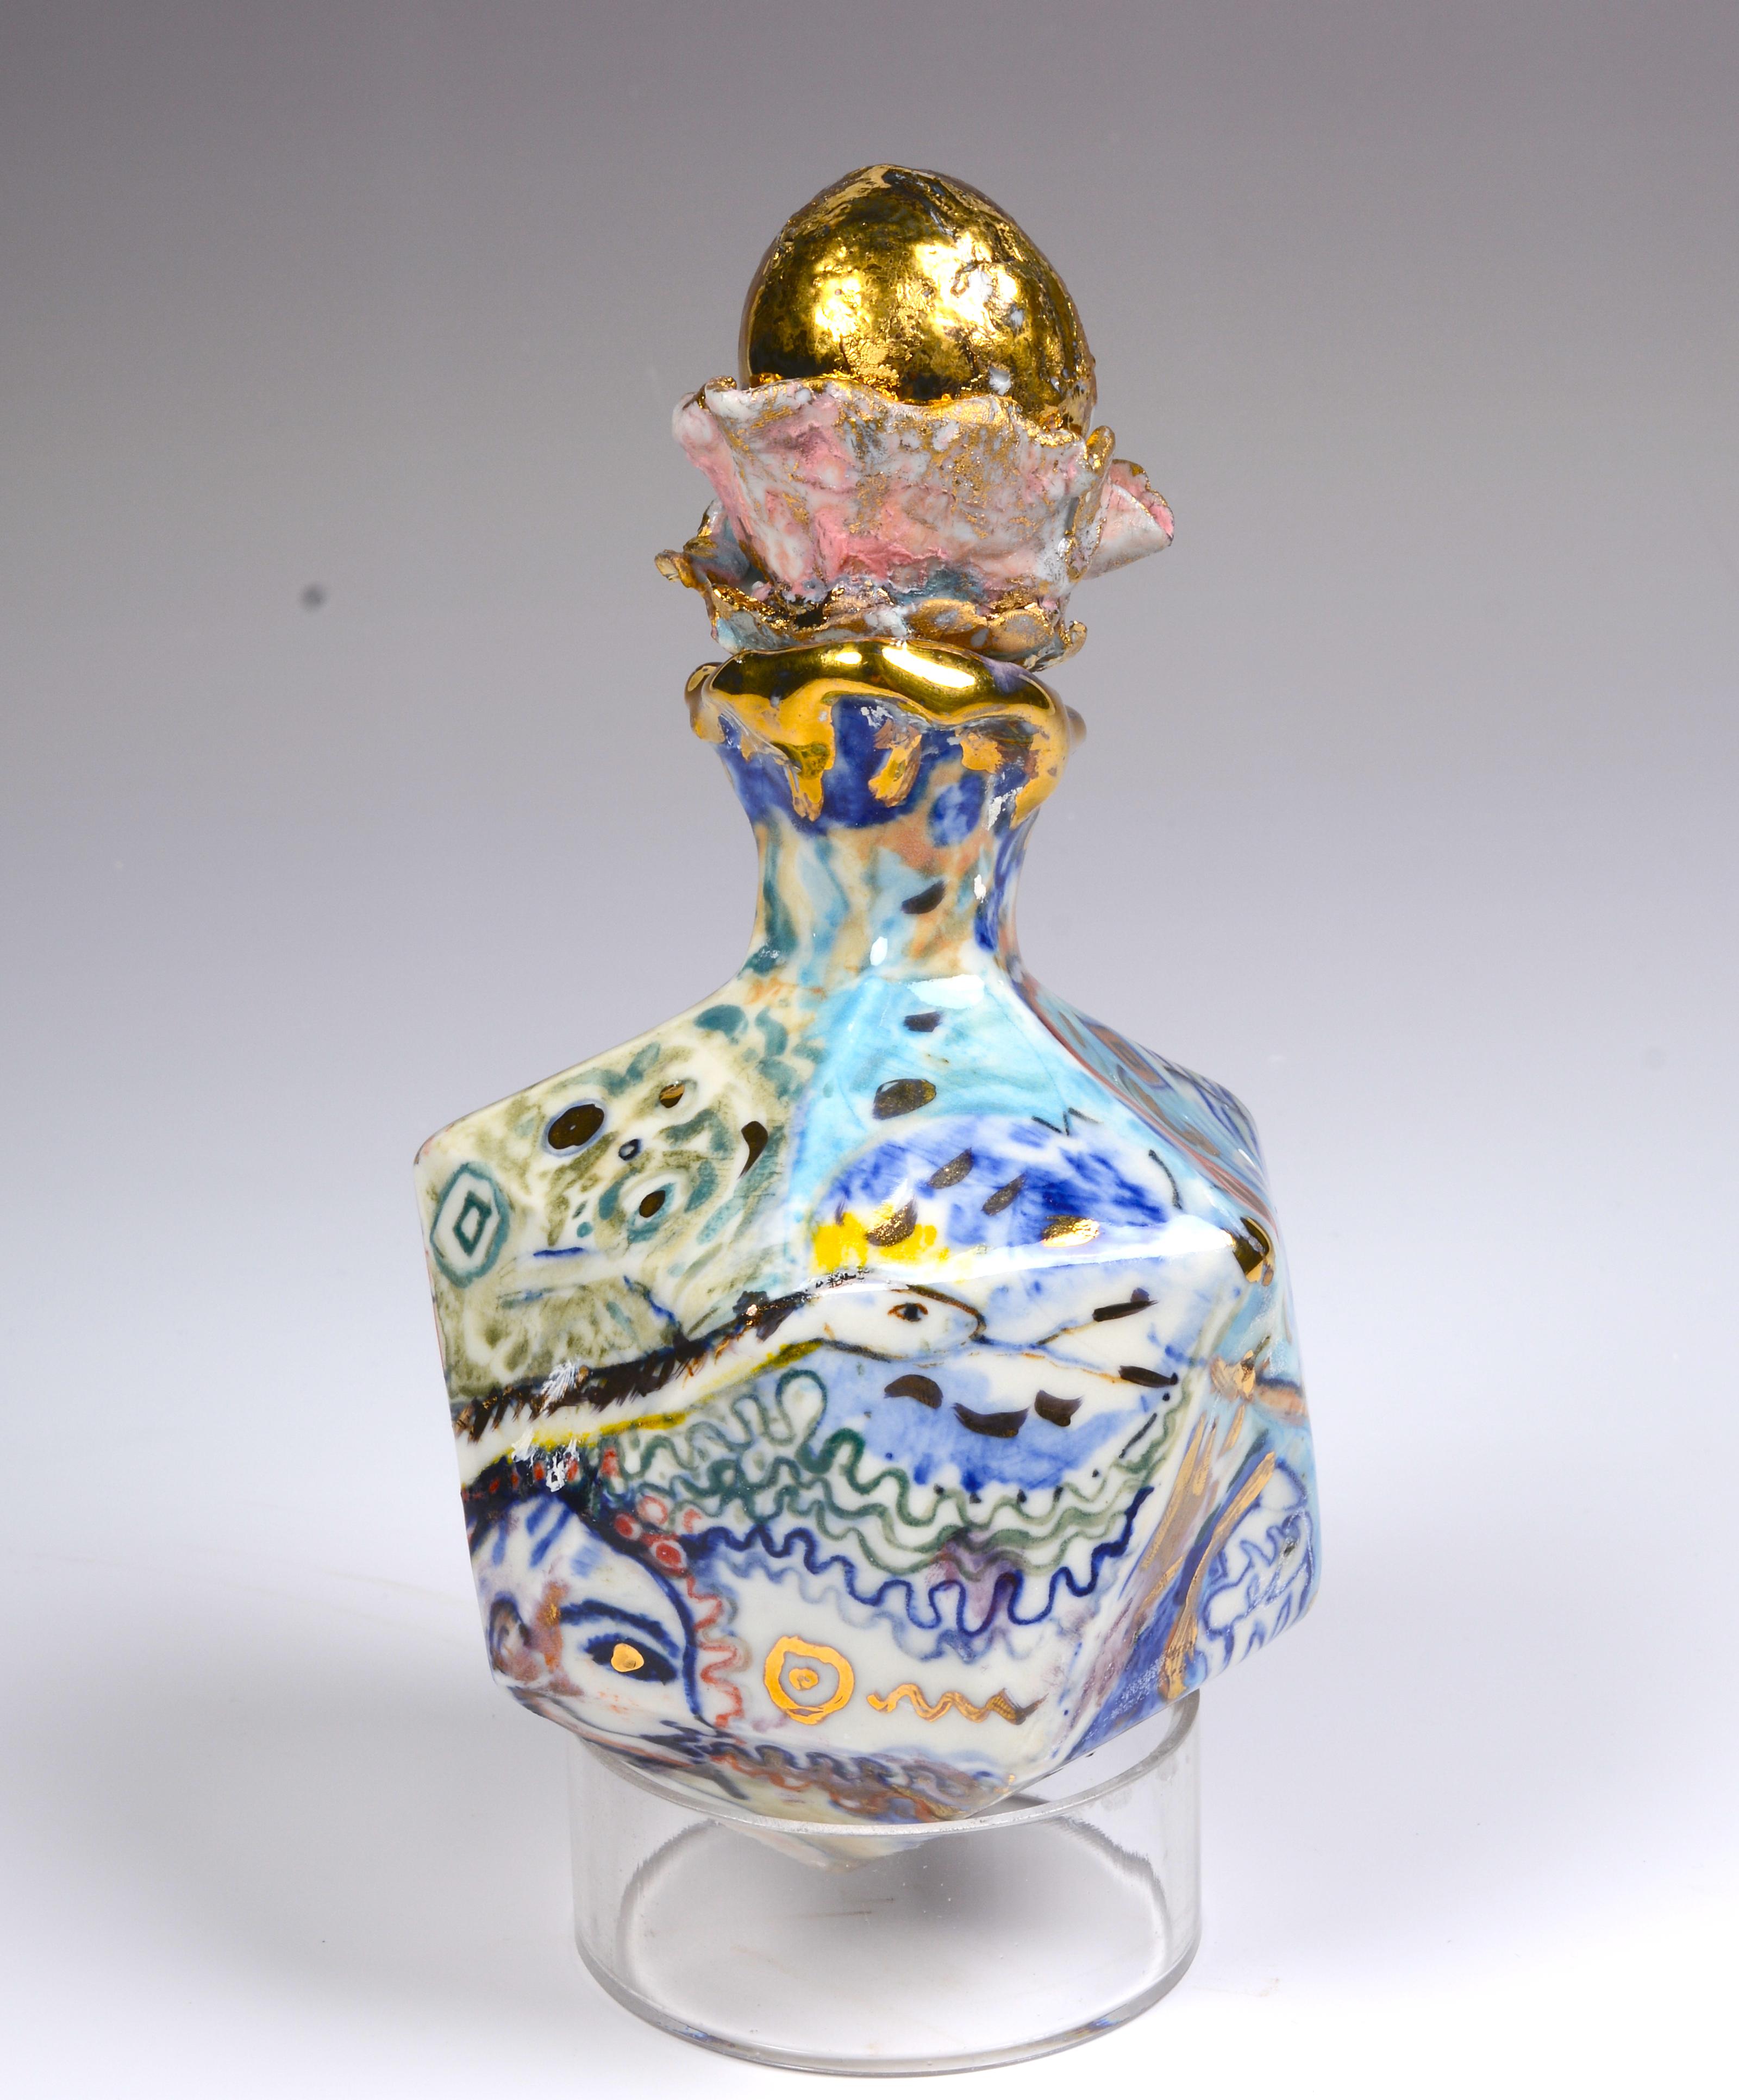 Golden Egg Eden Snake apothecary jar